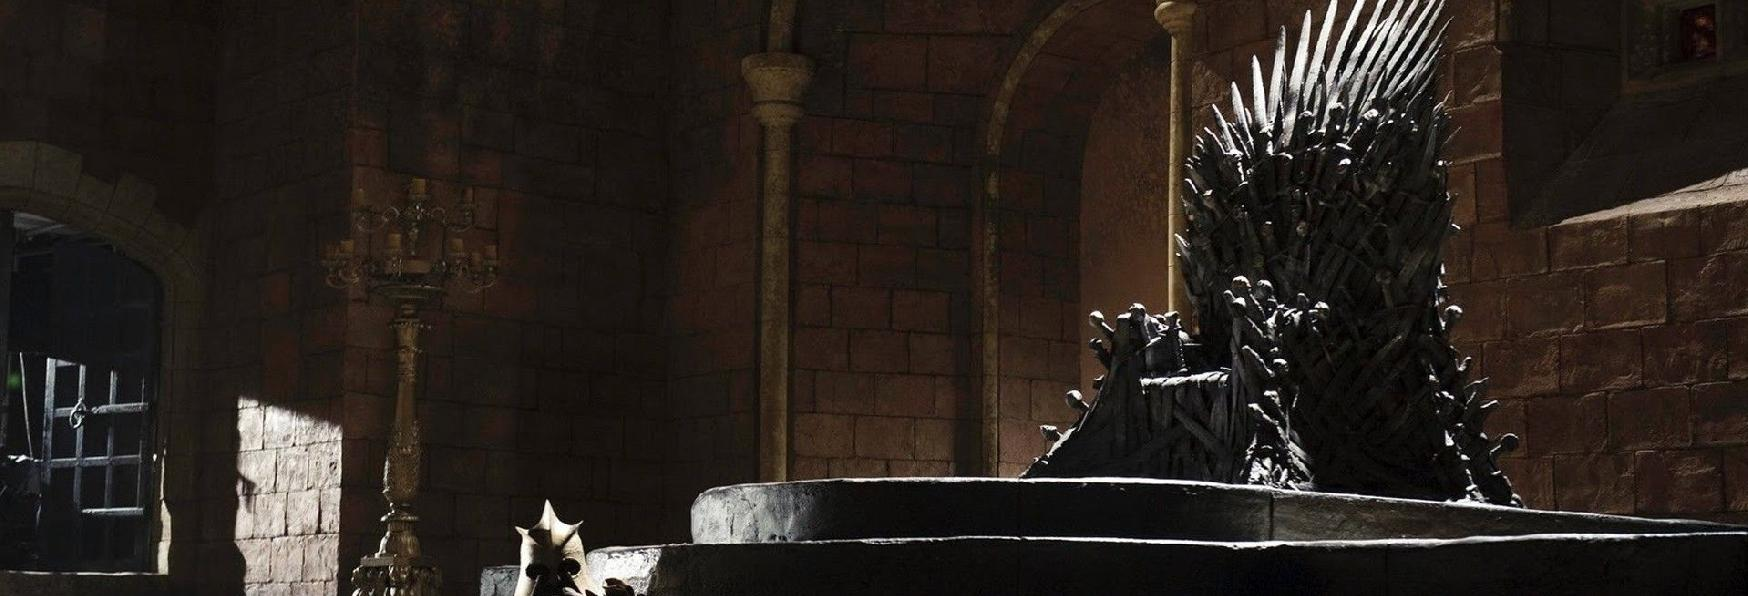 Game of Thrones 8: l'Incredibile Campagna Pubblicitaria di HBO